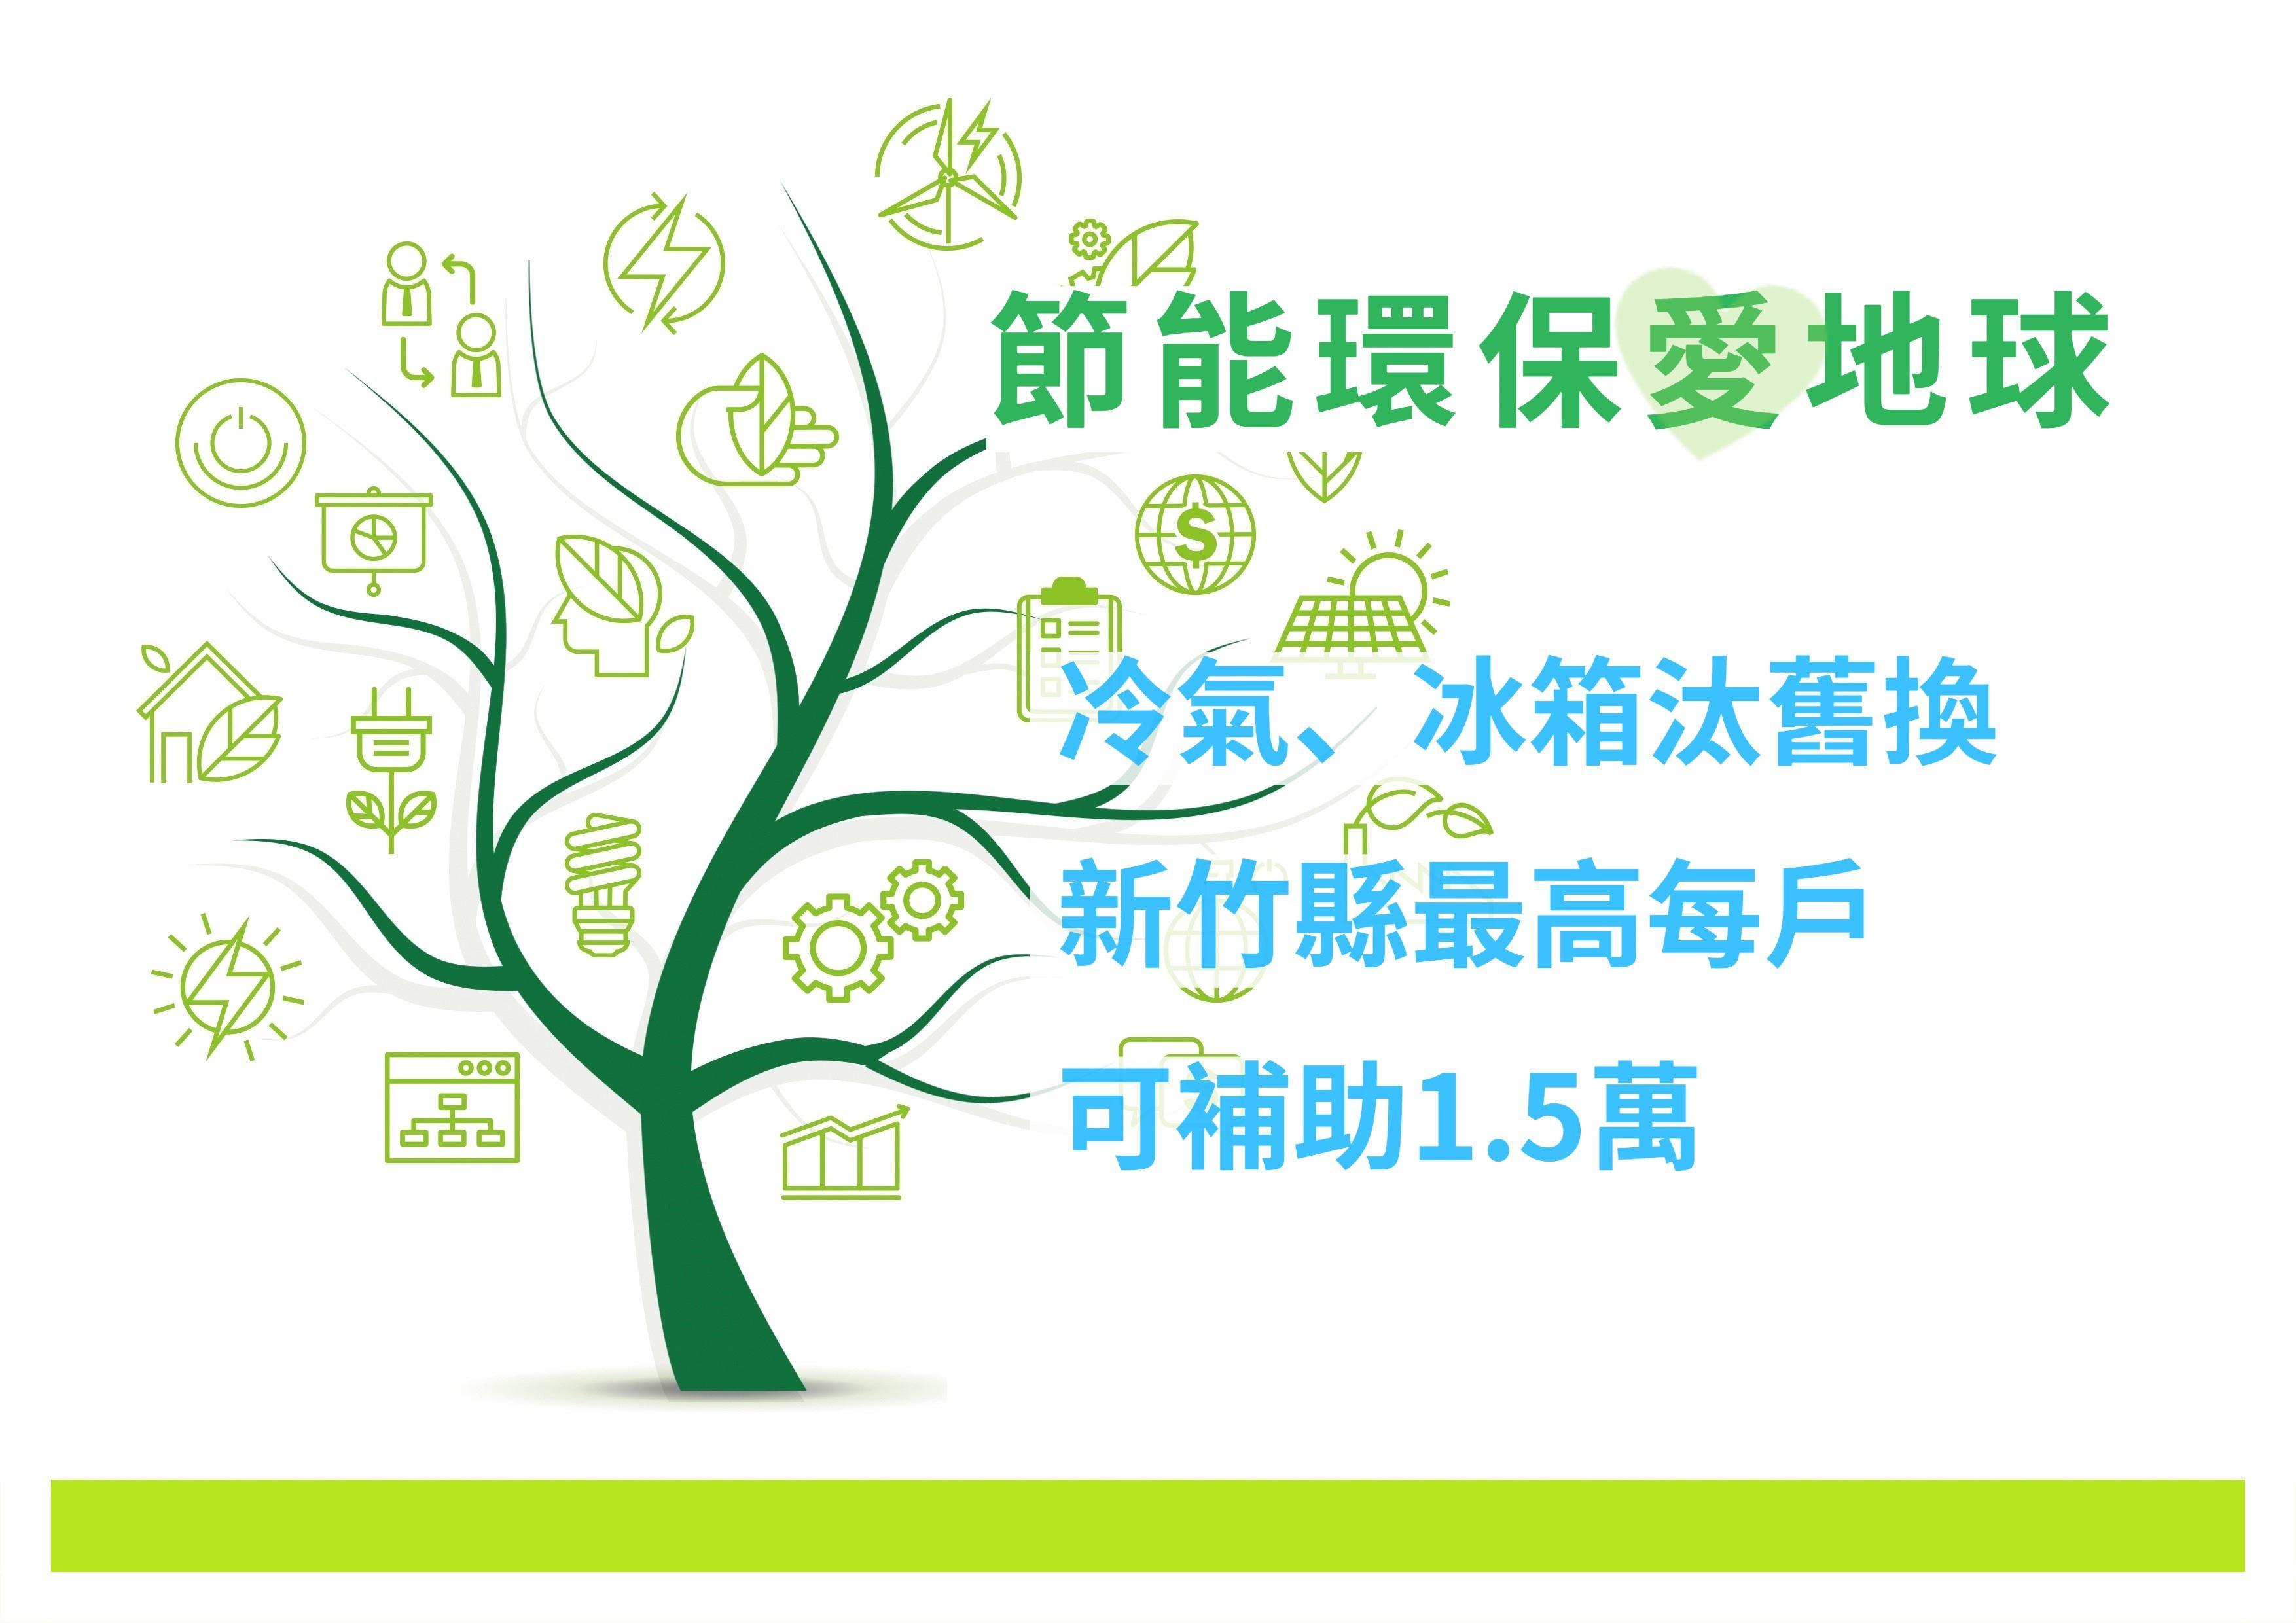 「新竹縣住宅家電設備汰換補助作業計畫」即日起受理補助申請